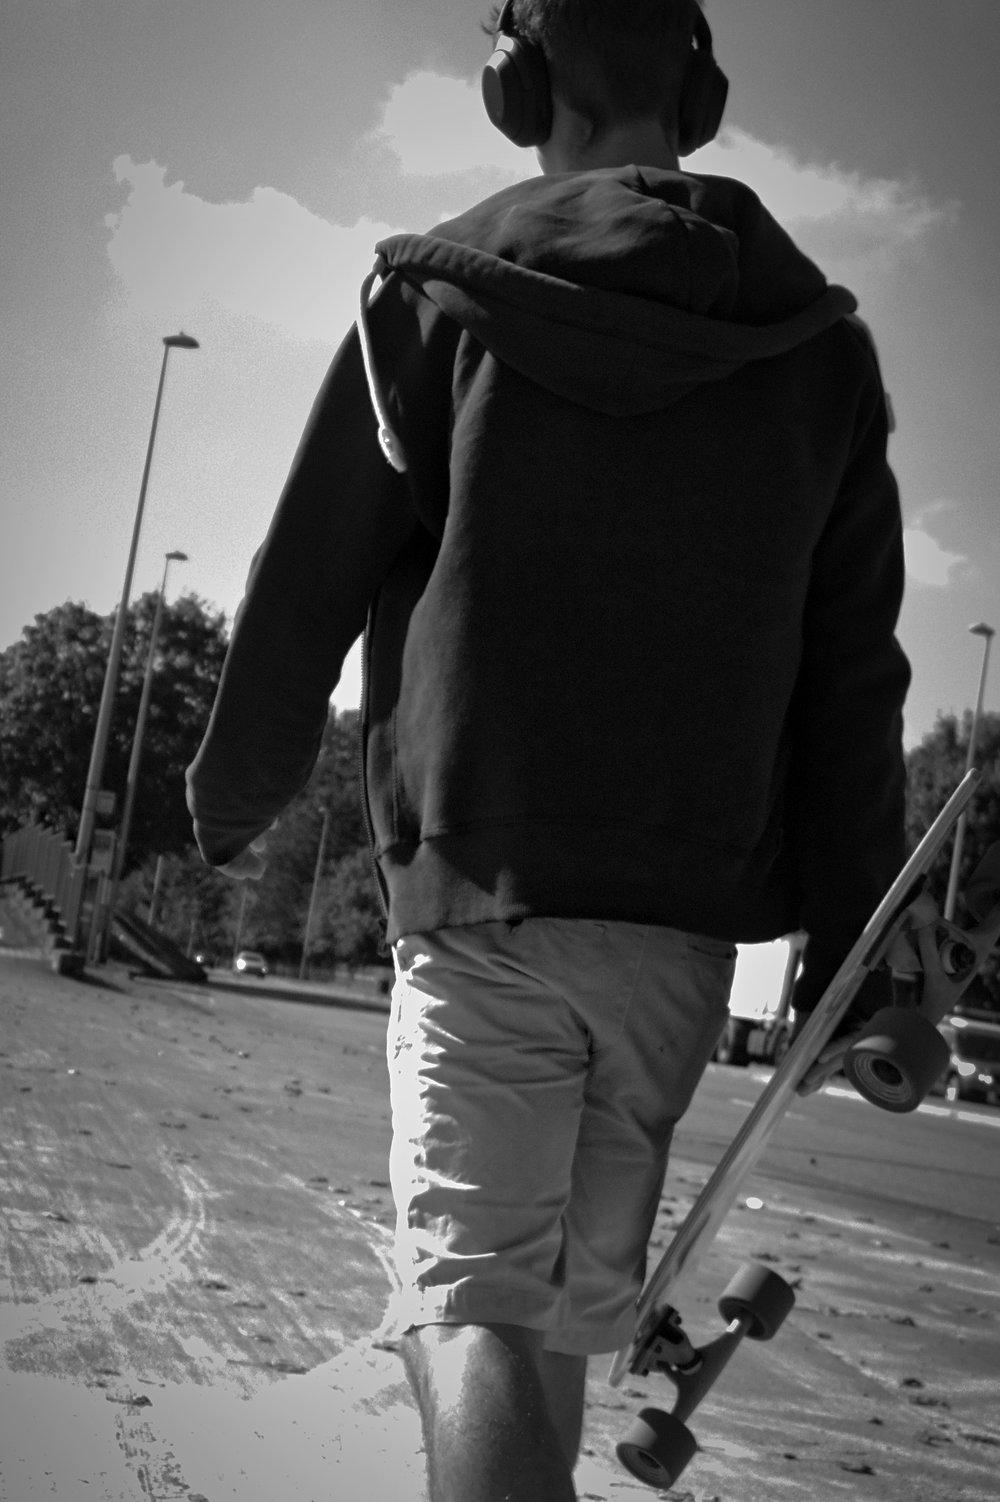 He was a skater boy.jpg